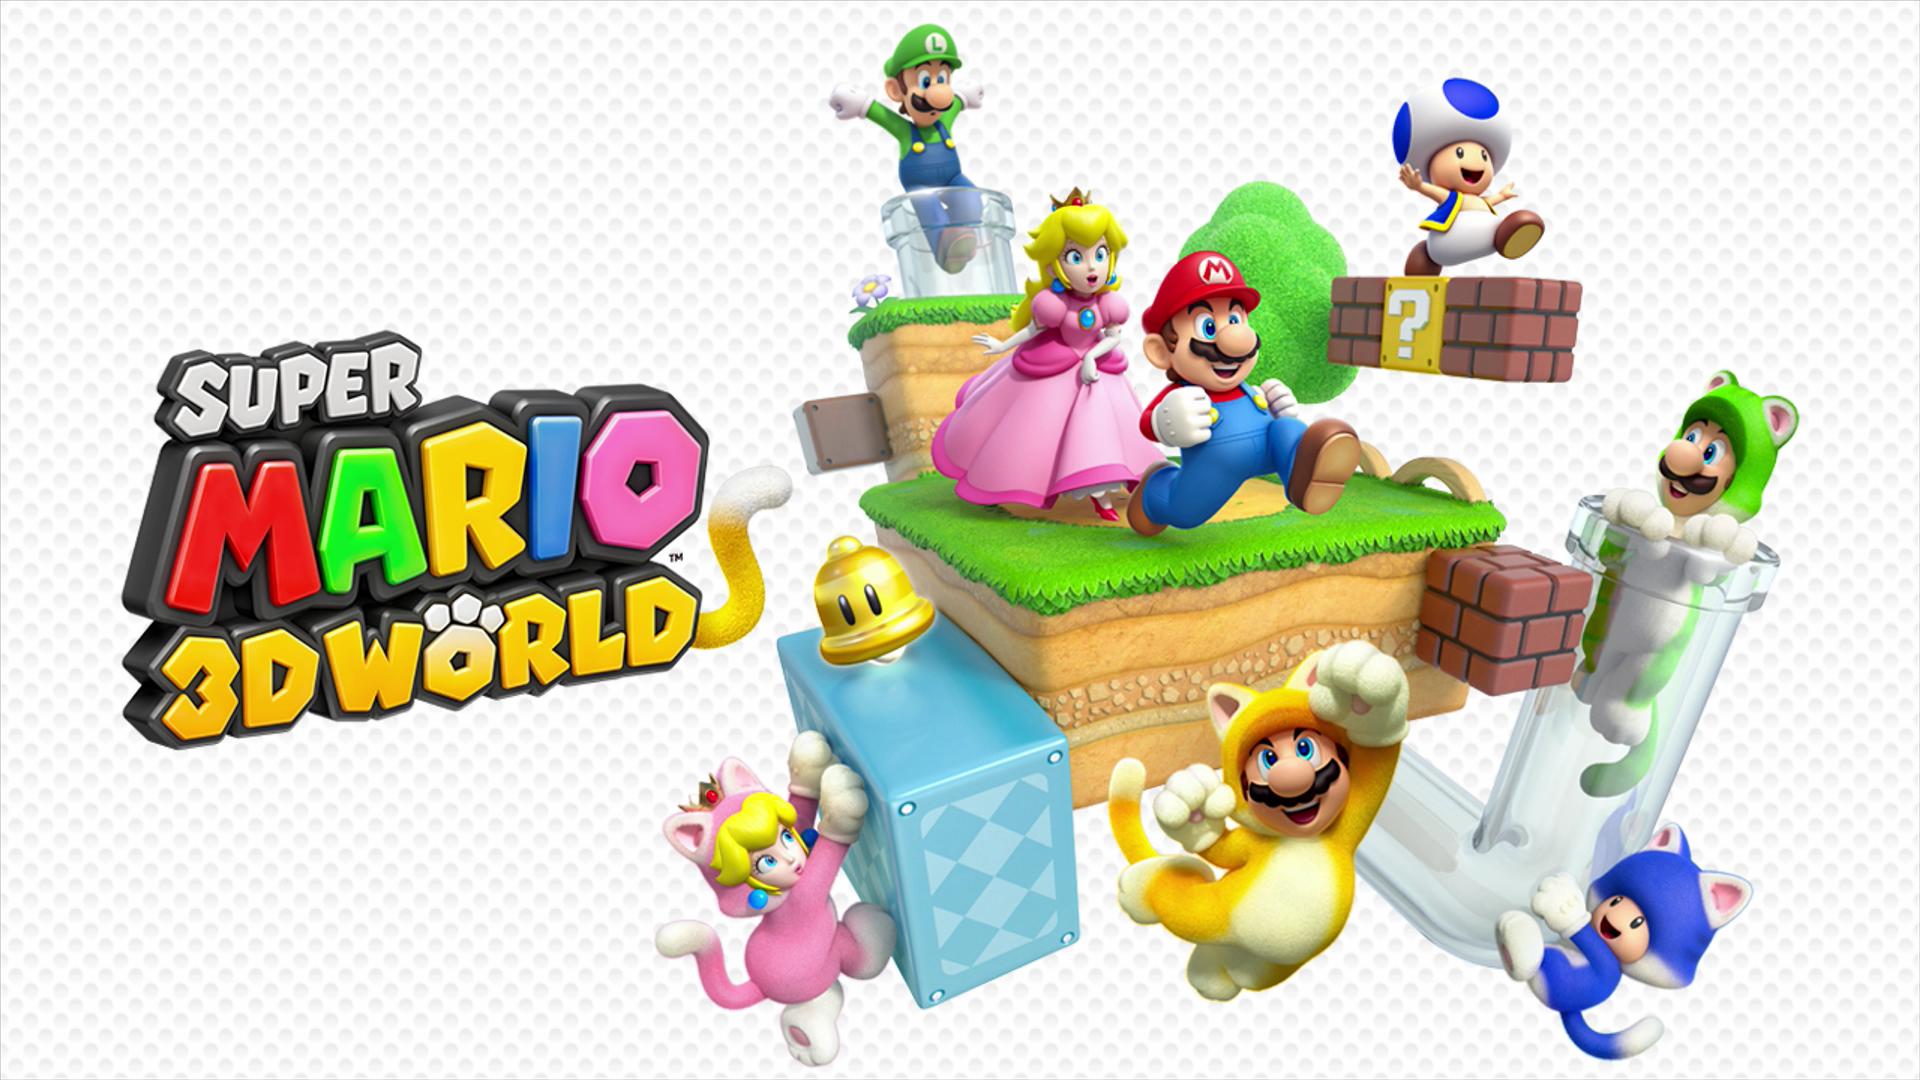 Wii U Art Dump Takes Care Of Your Desktop Wallpaper Needs